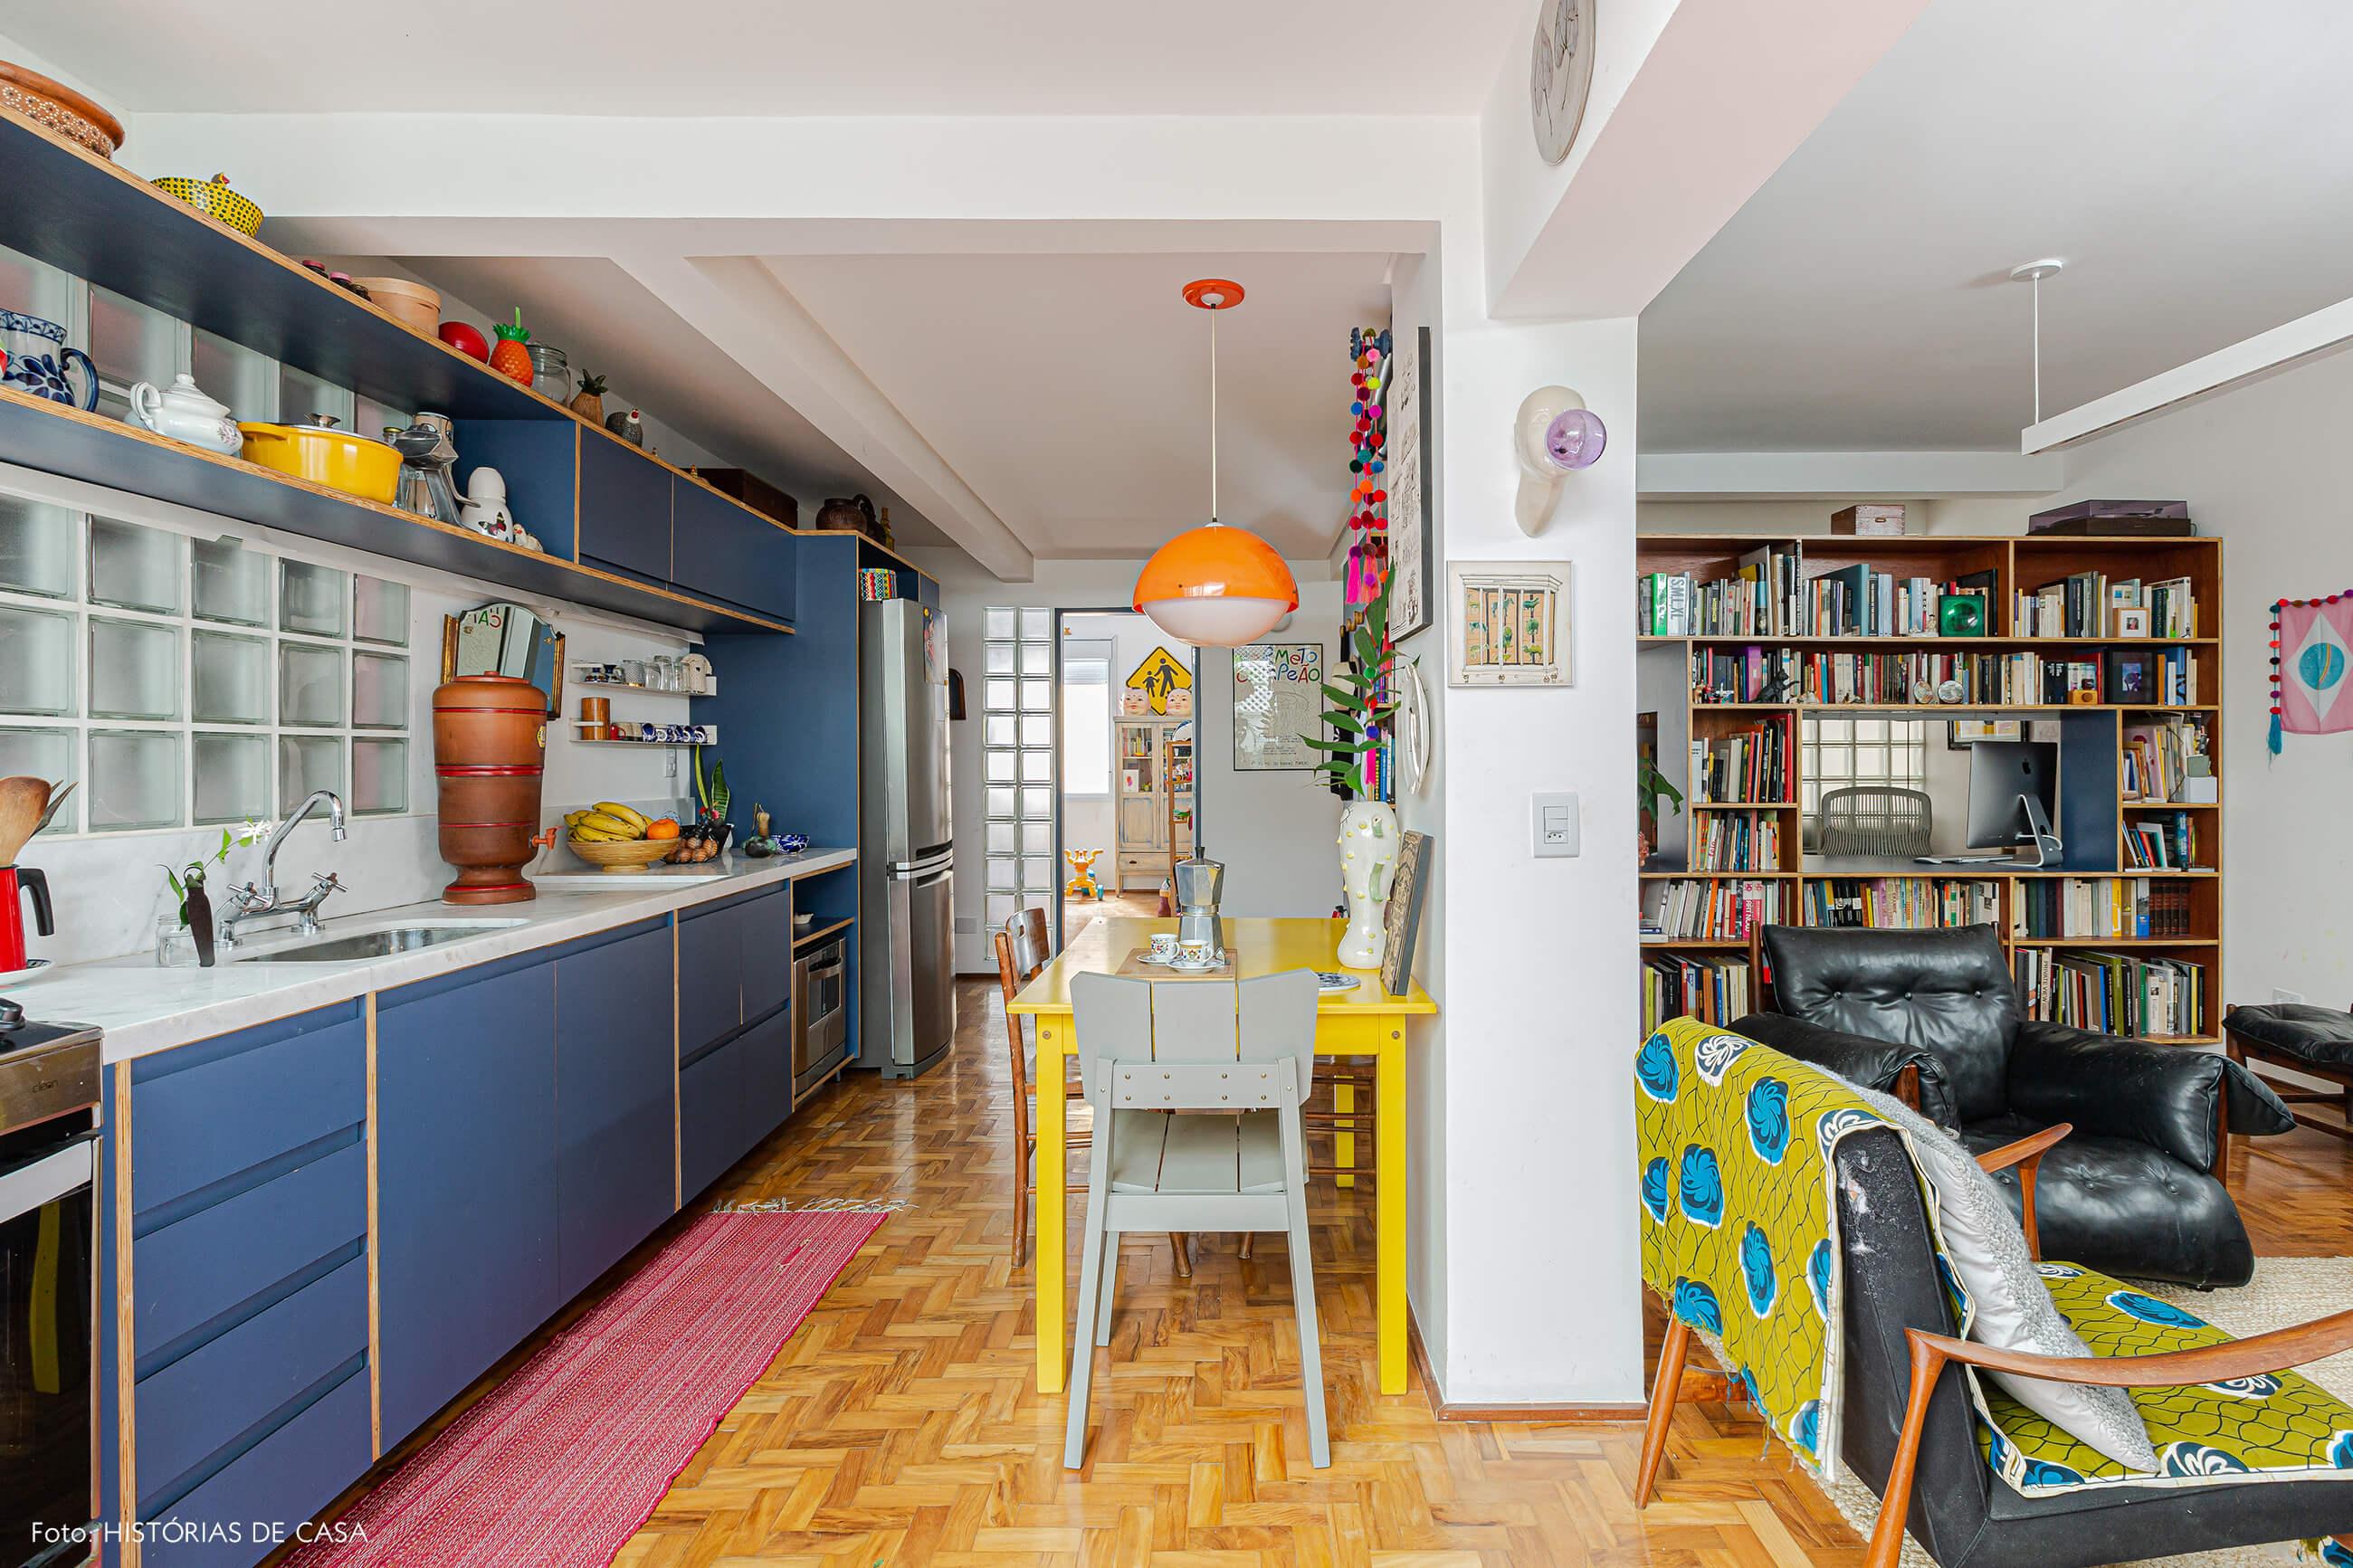 Apartamento reformado, cozinha colorida integrada com mesa amarela